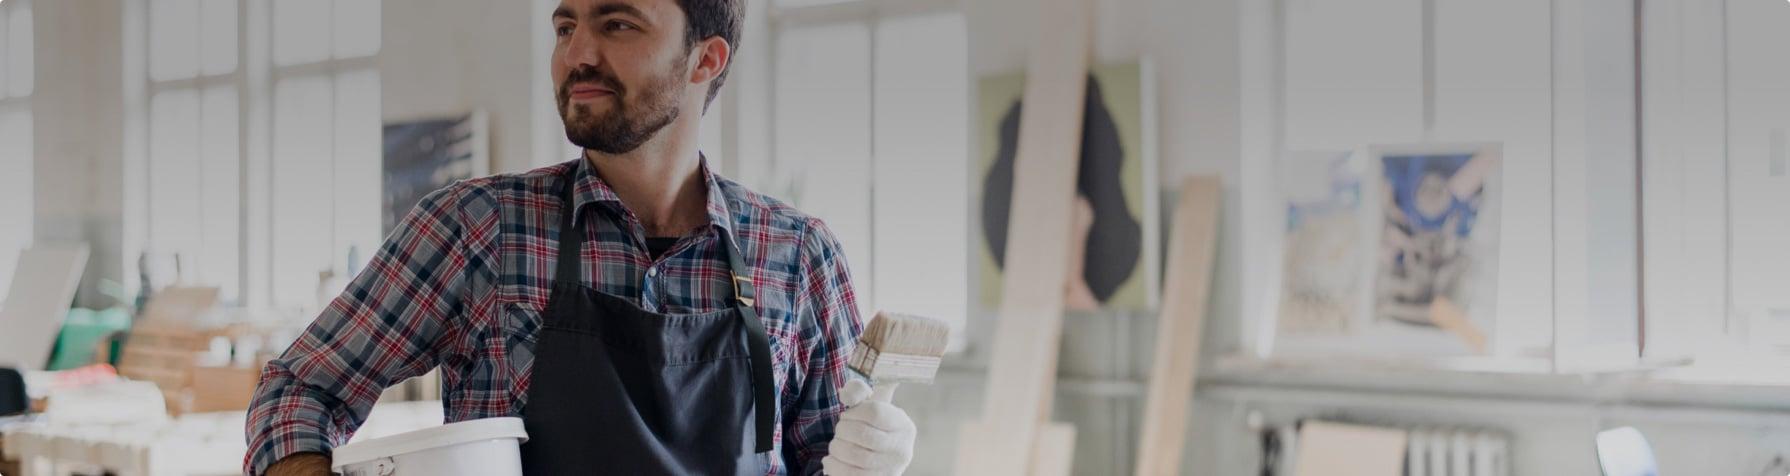 Painters Insurance - Desktop